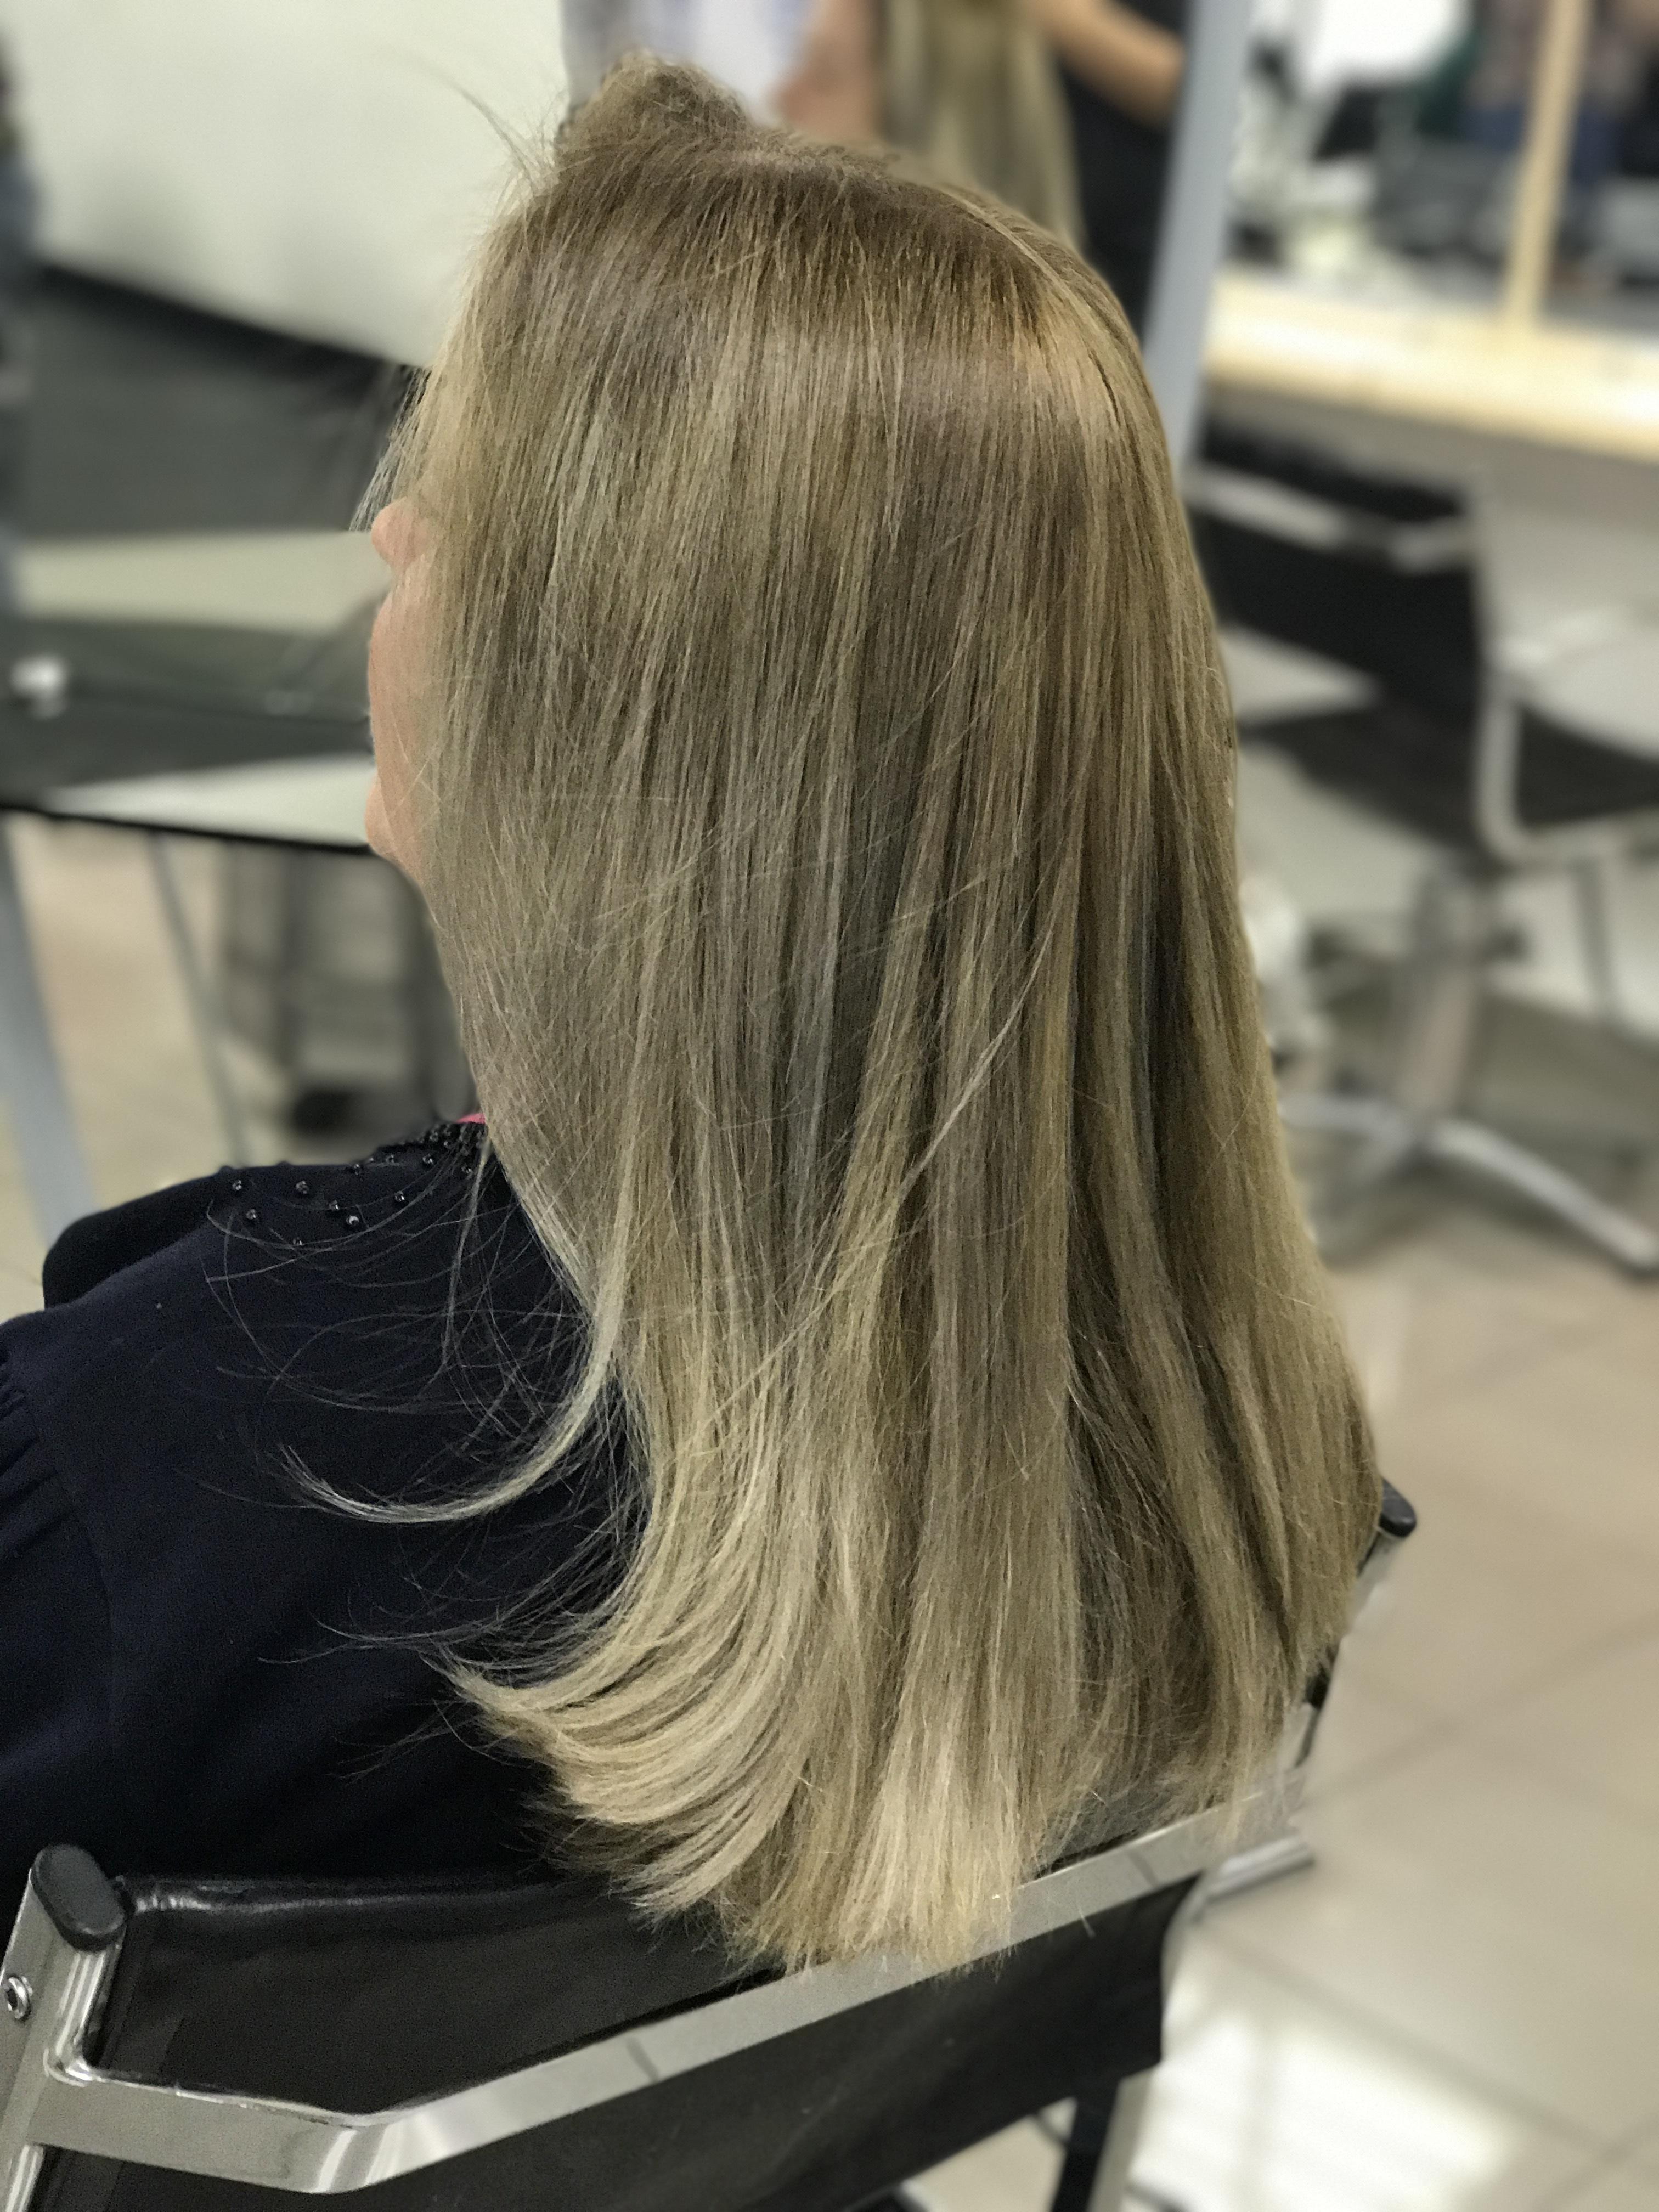 Cobertura de brancos e mechas  cabelo cabeleireiro(a) maquiador(a)